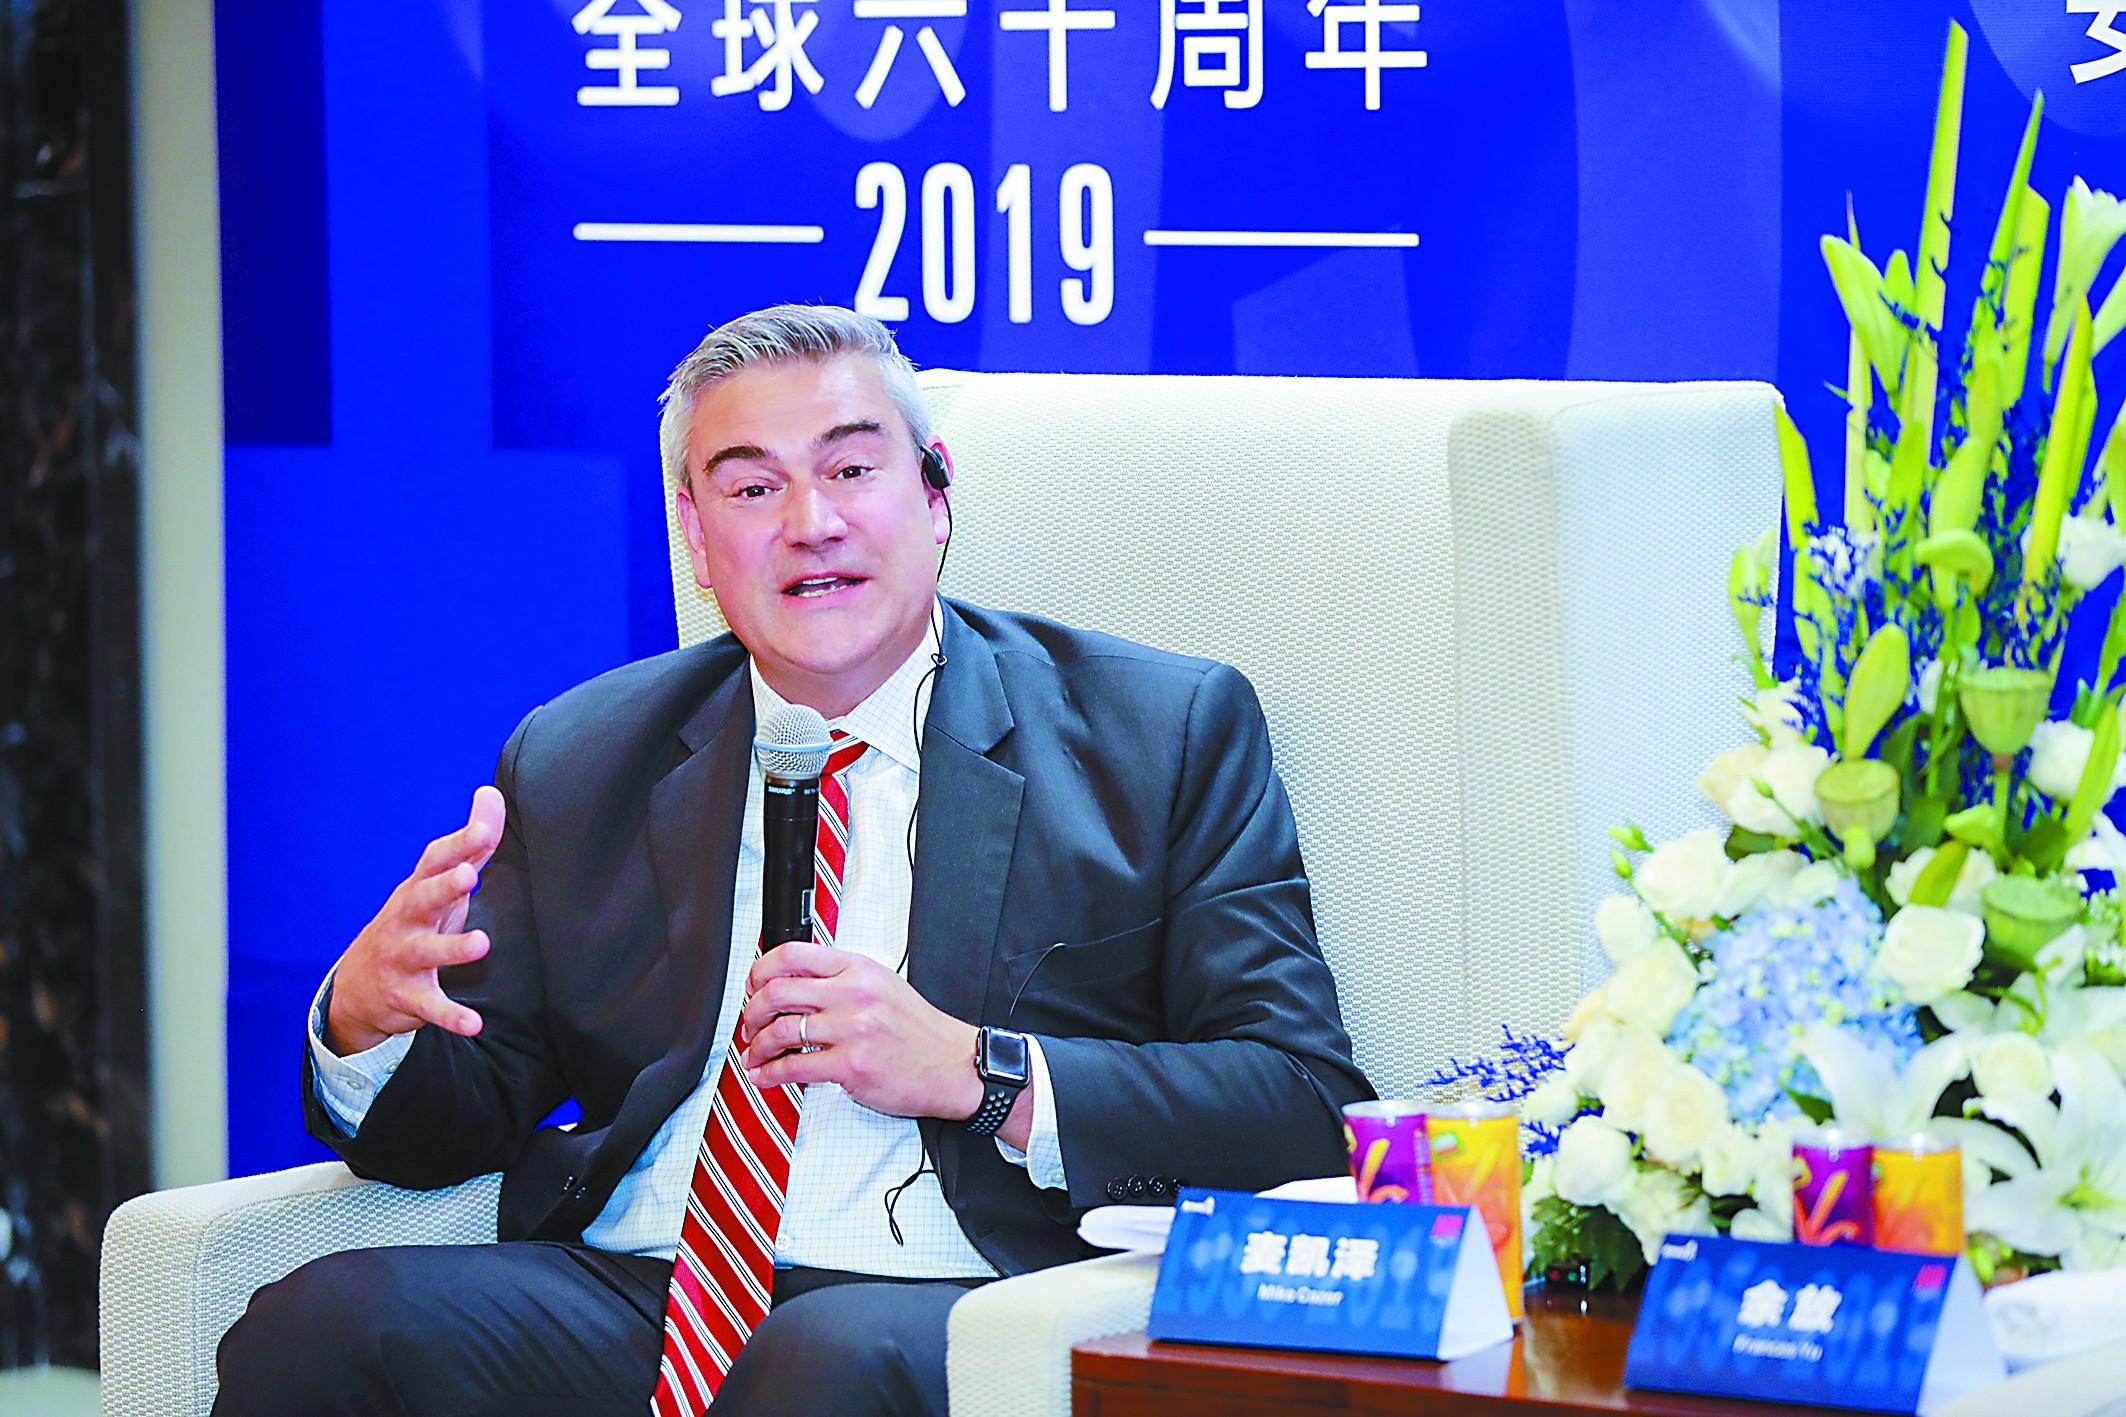 安利全球首席运营官麦凯泽接受《环球时报》专访:逆势增投,因为长期看好中国潜力